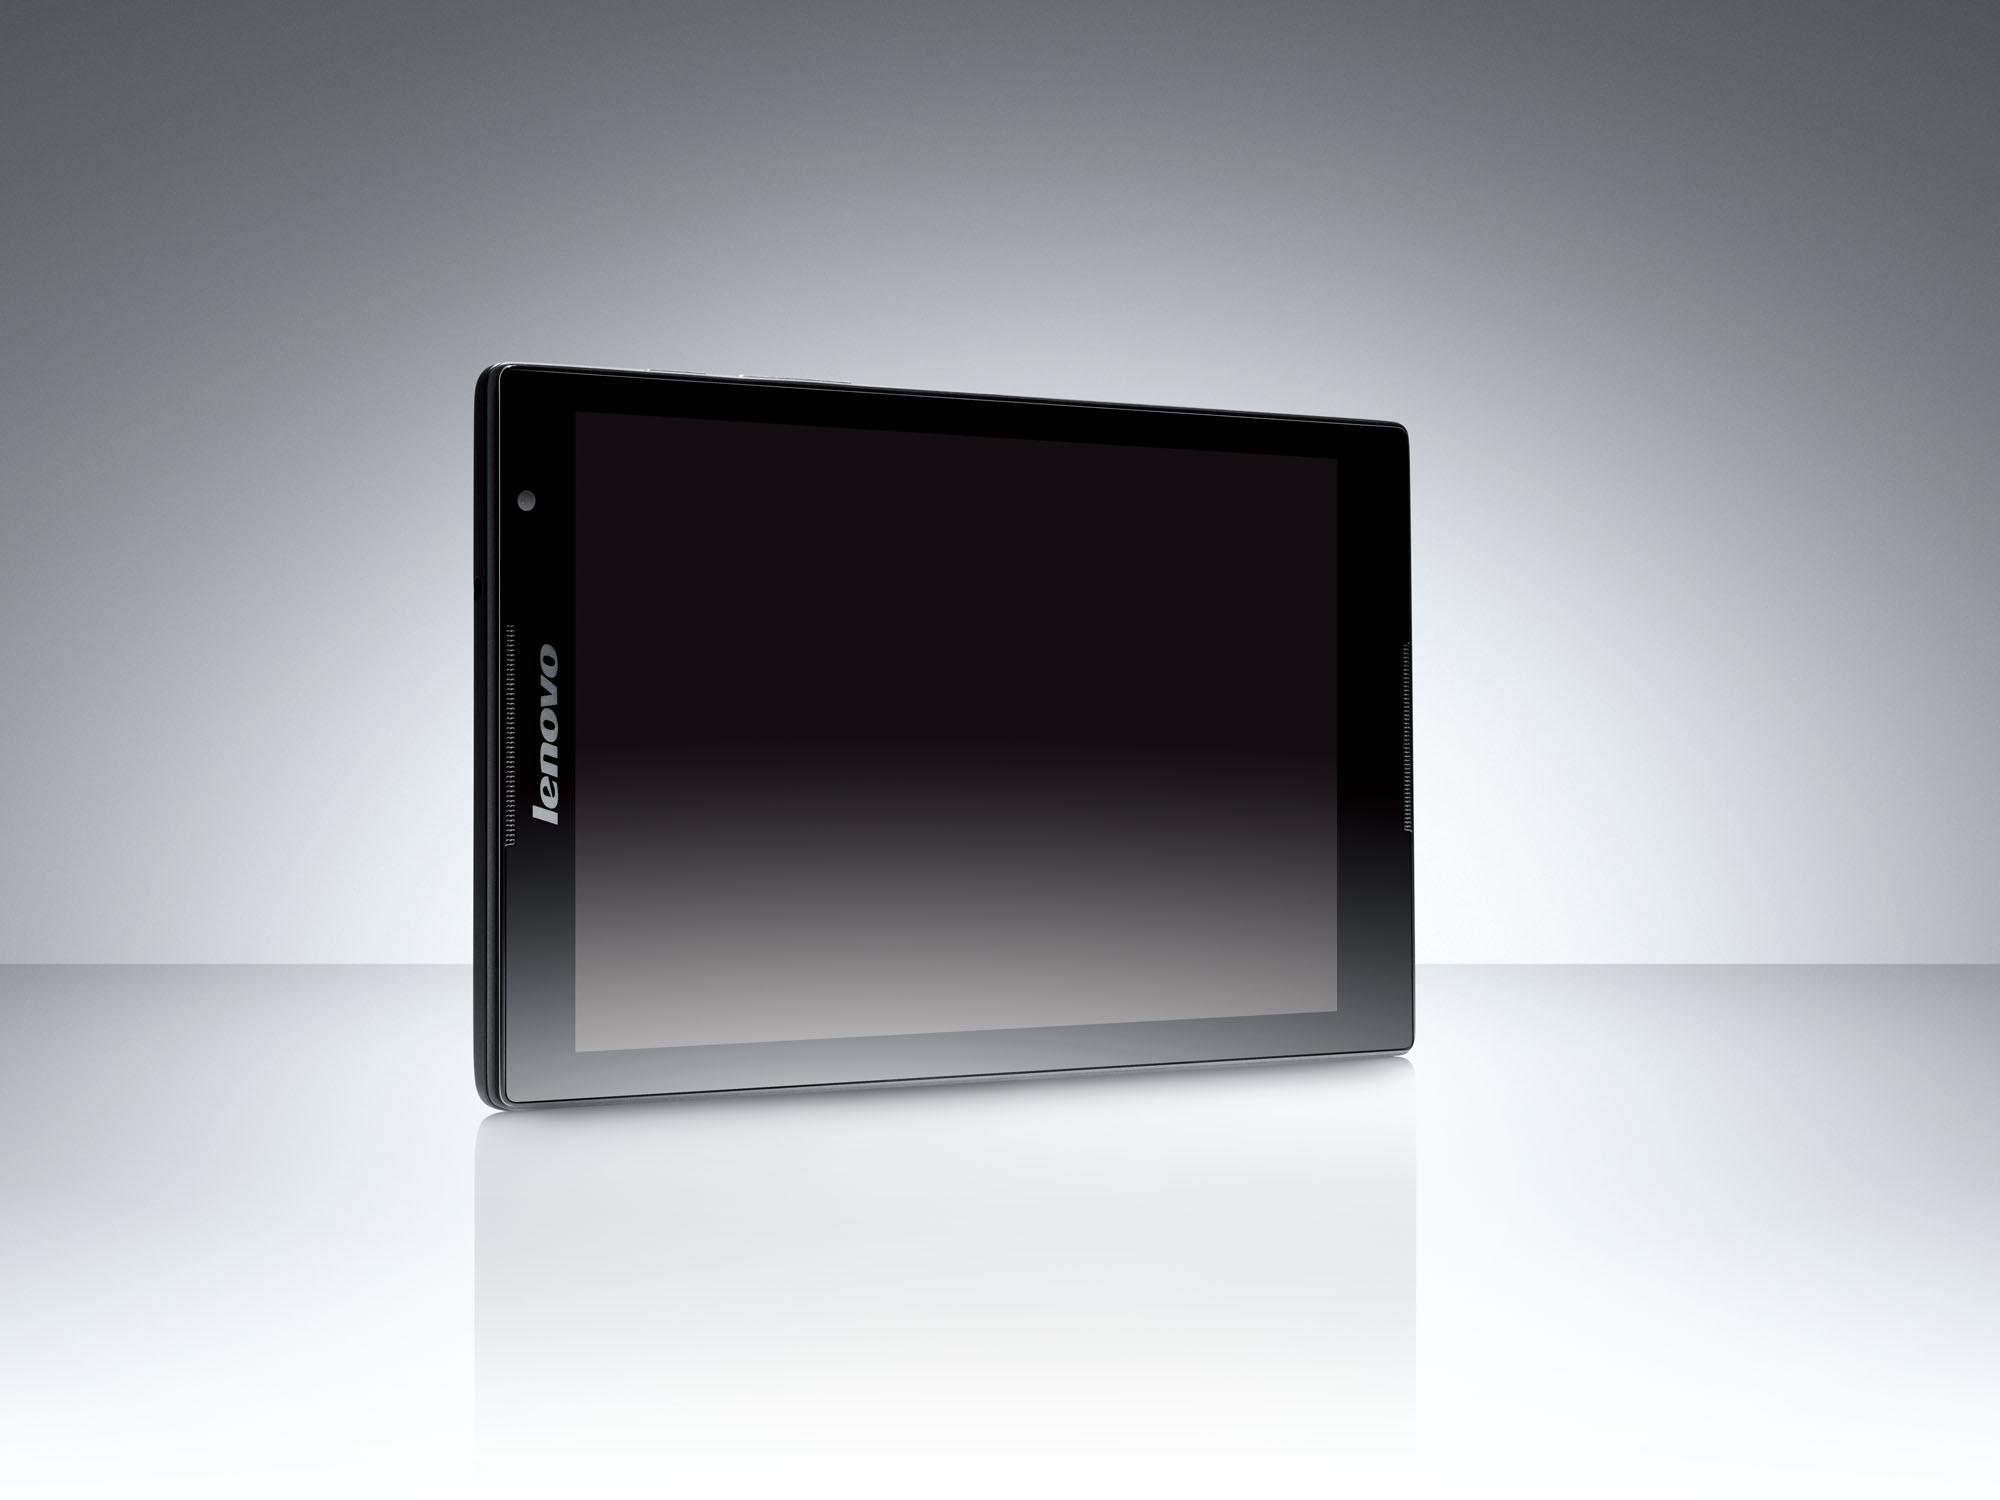 Lenovo præsenterer nye tablets